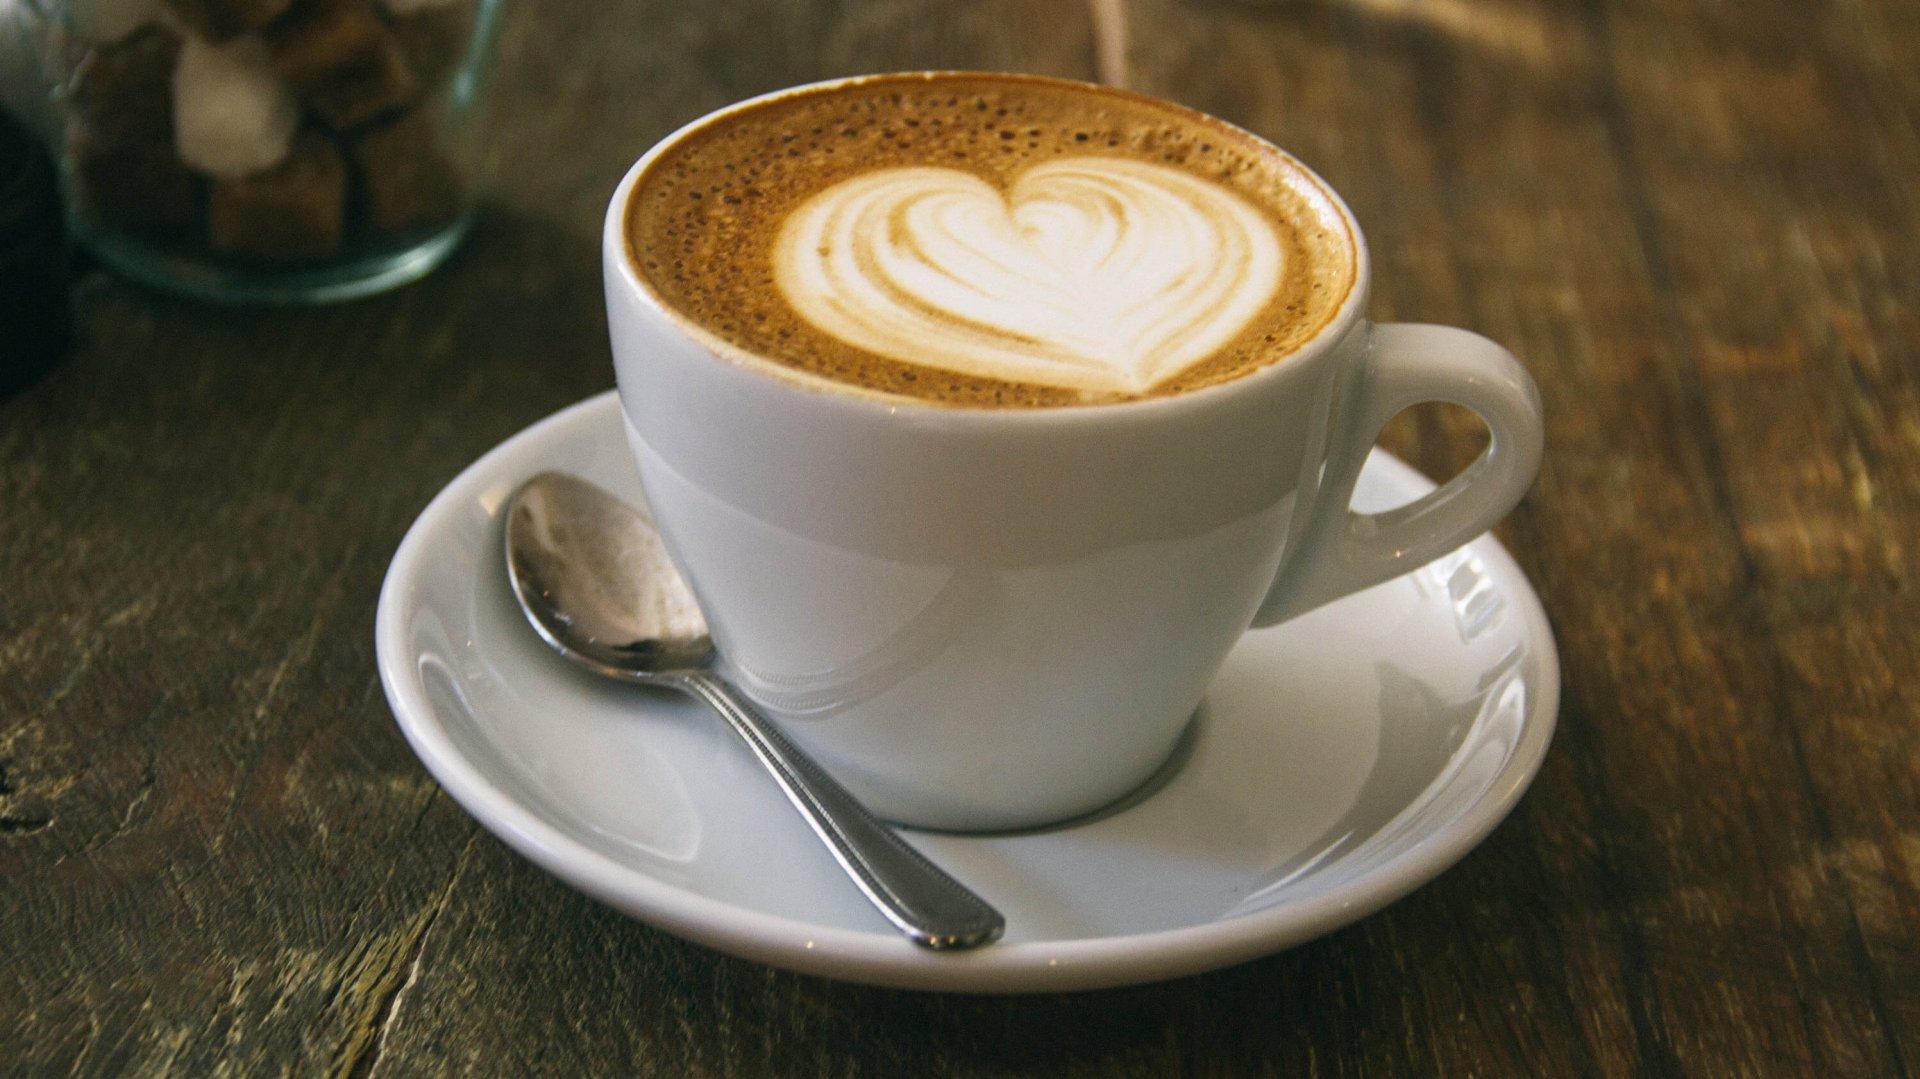 A heart shape in foamed milk on top of a barista coffee